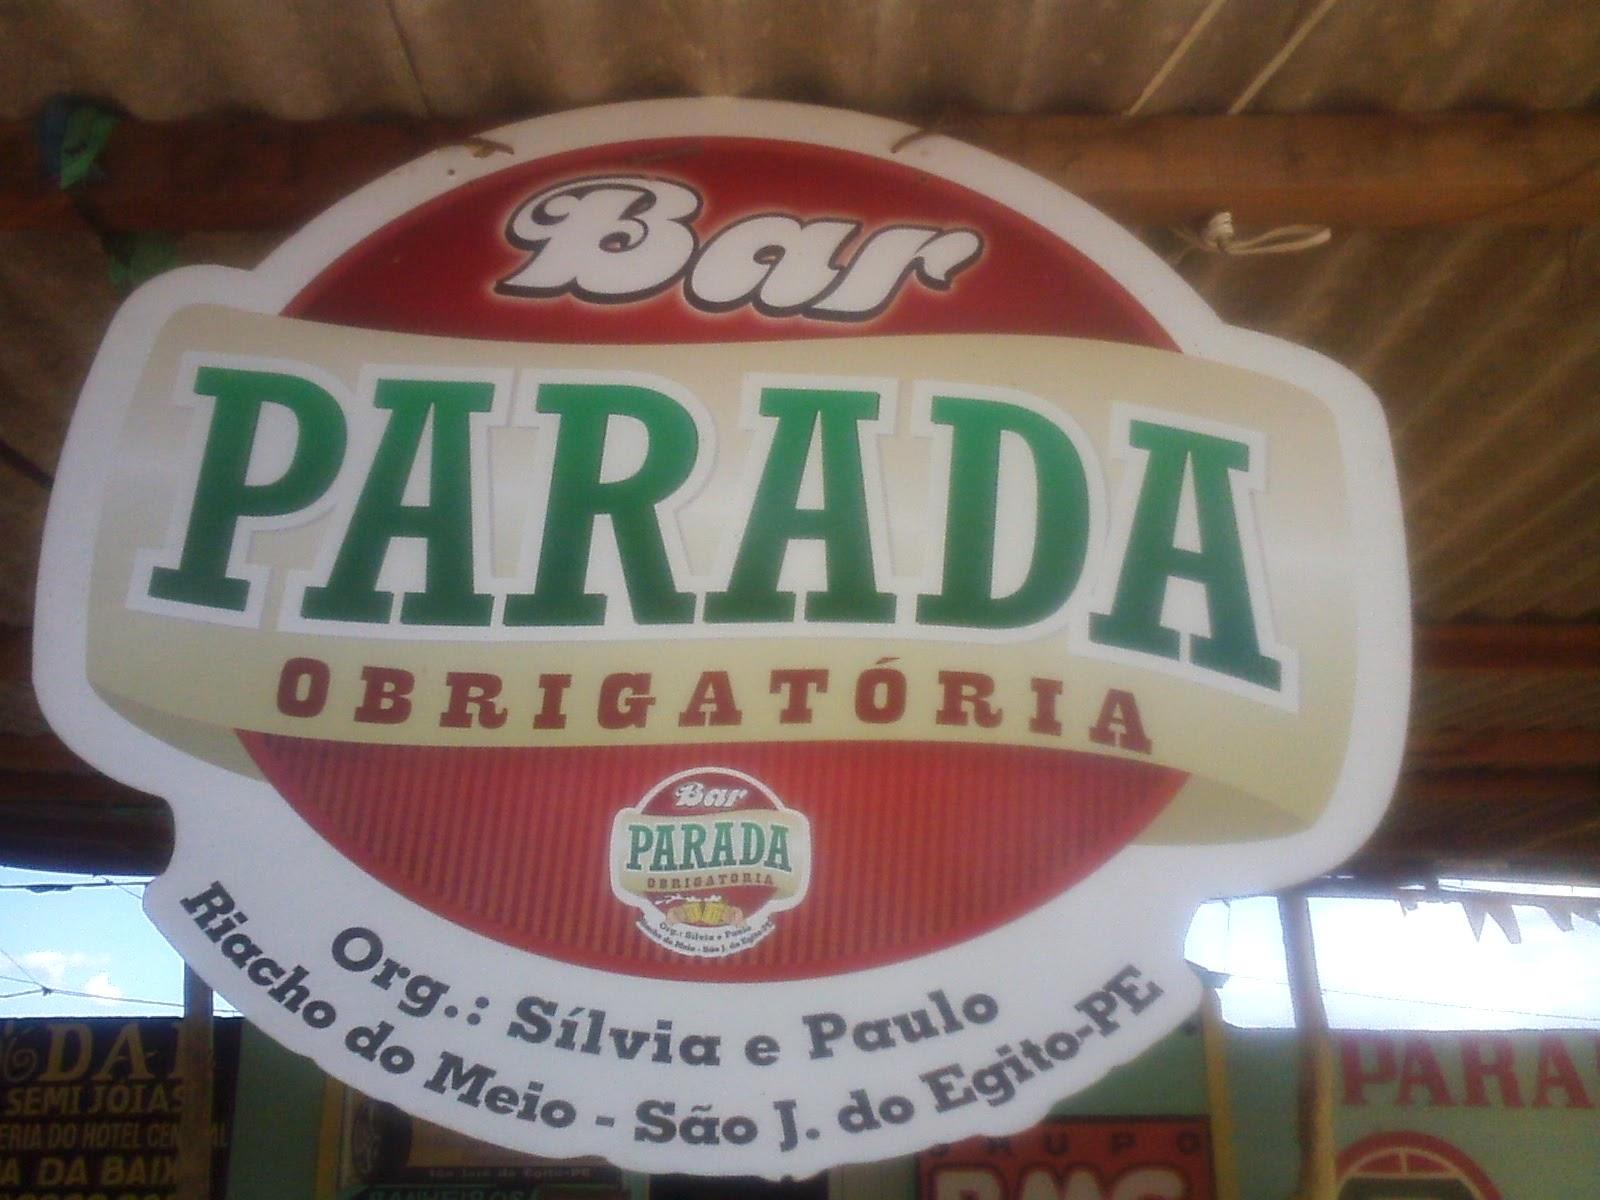 BAR PARADA OBRIGATÓRIA